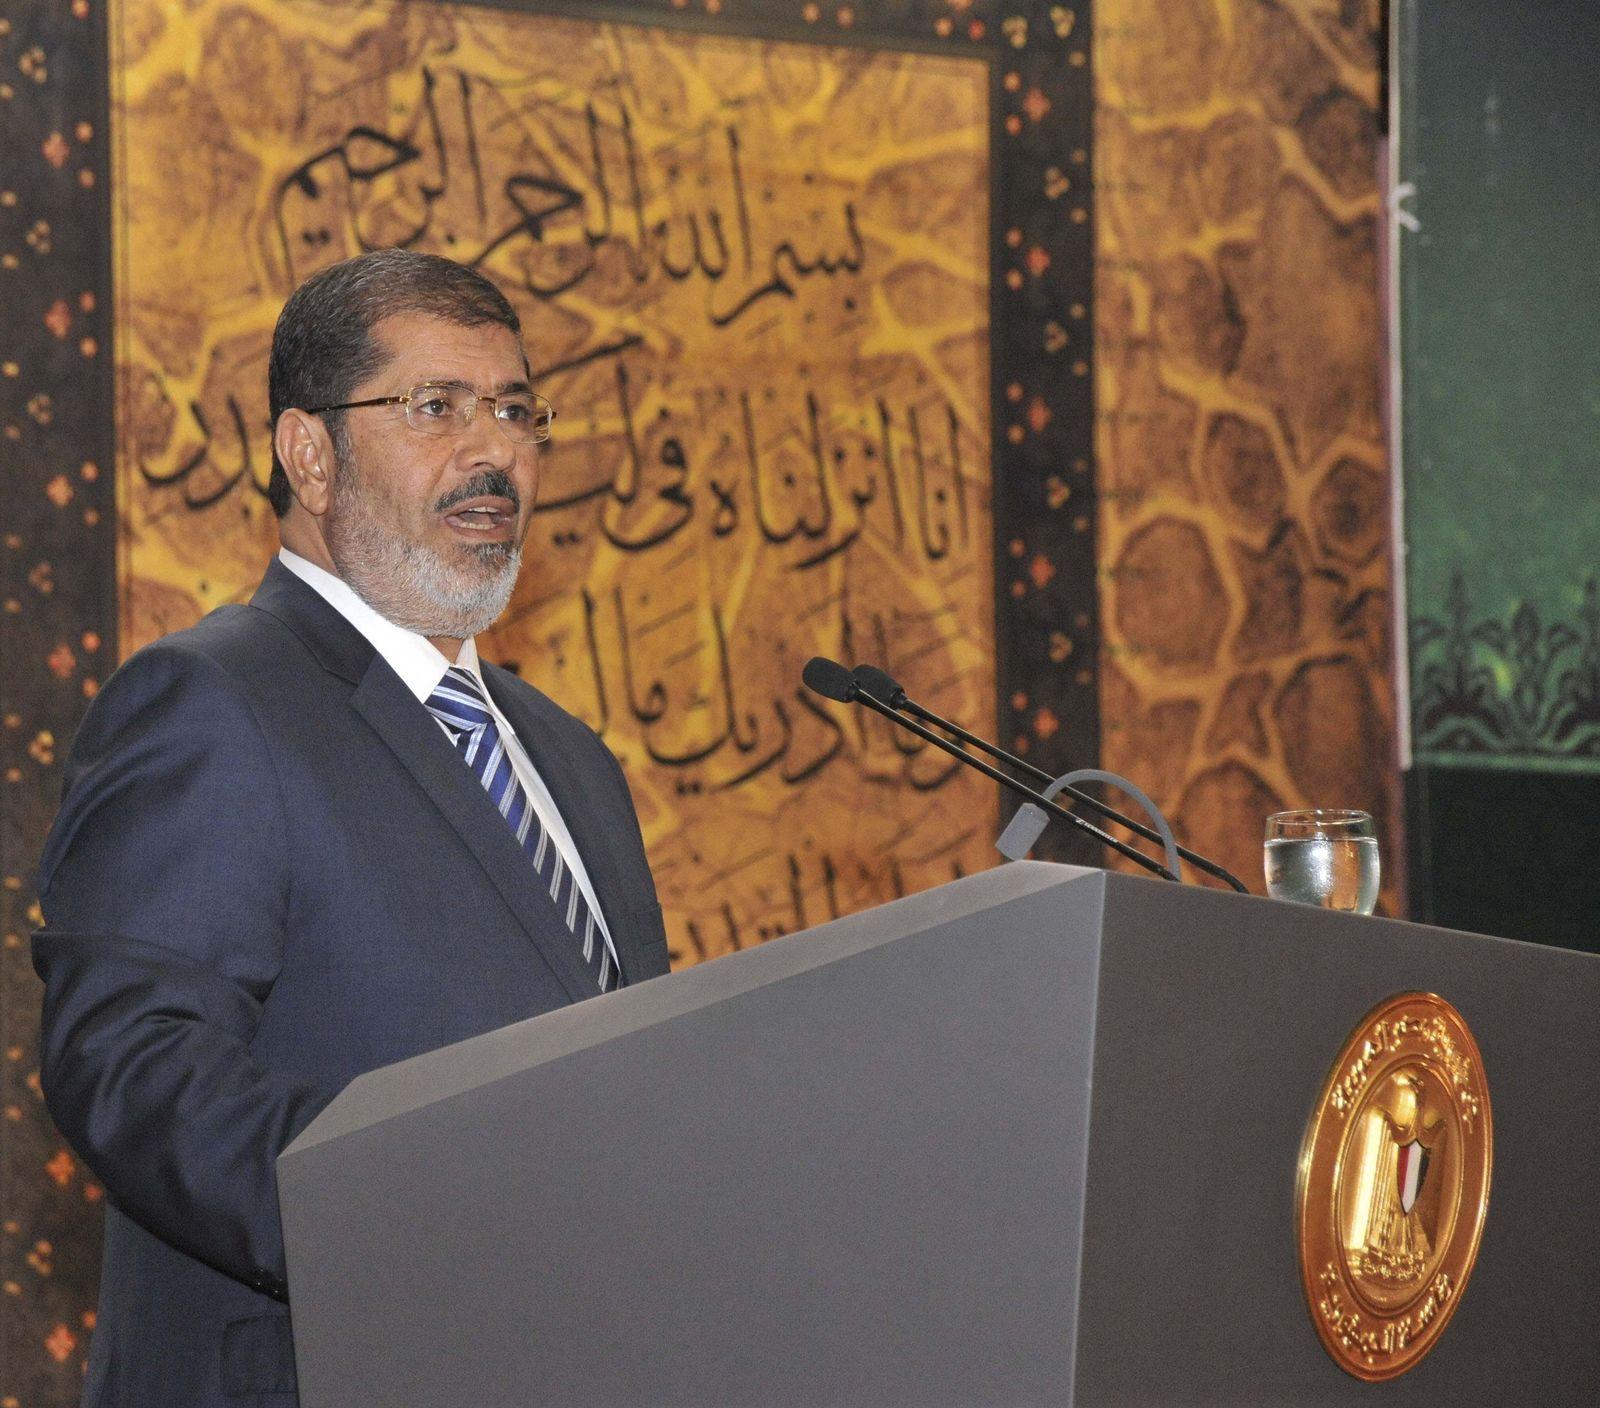 EGYPT-PRESIDENT Mursi